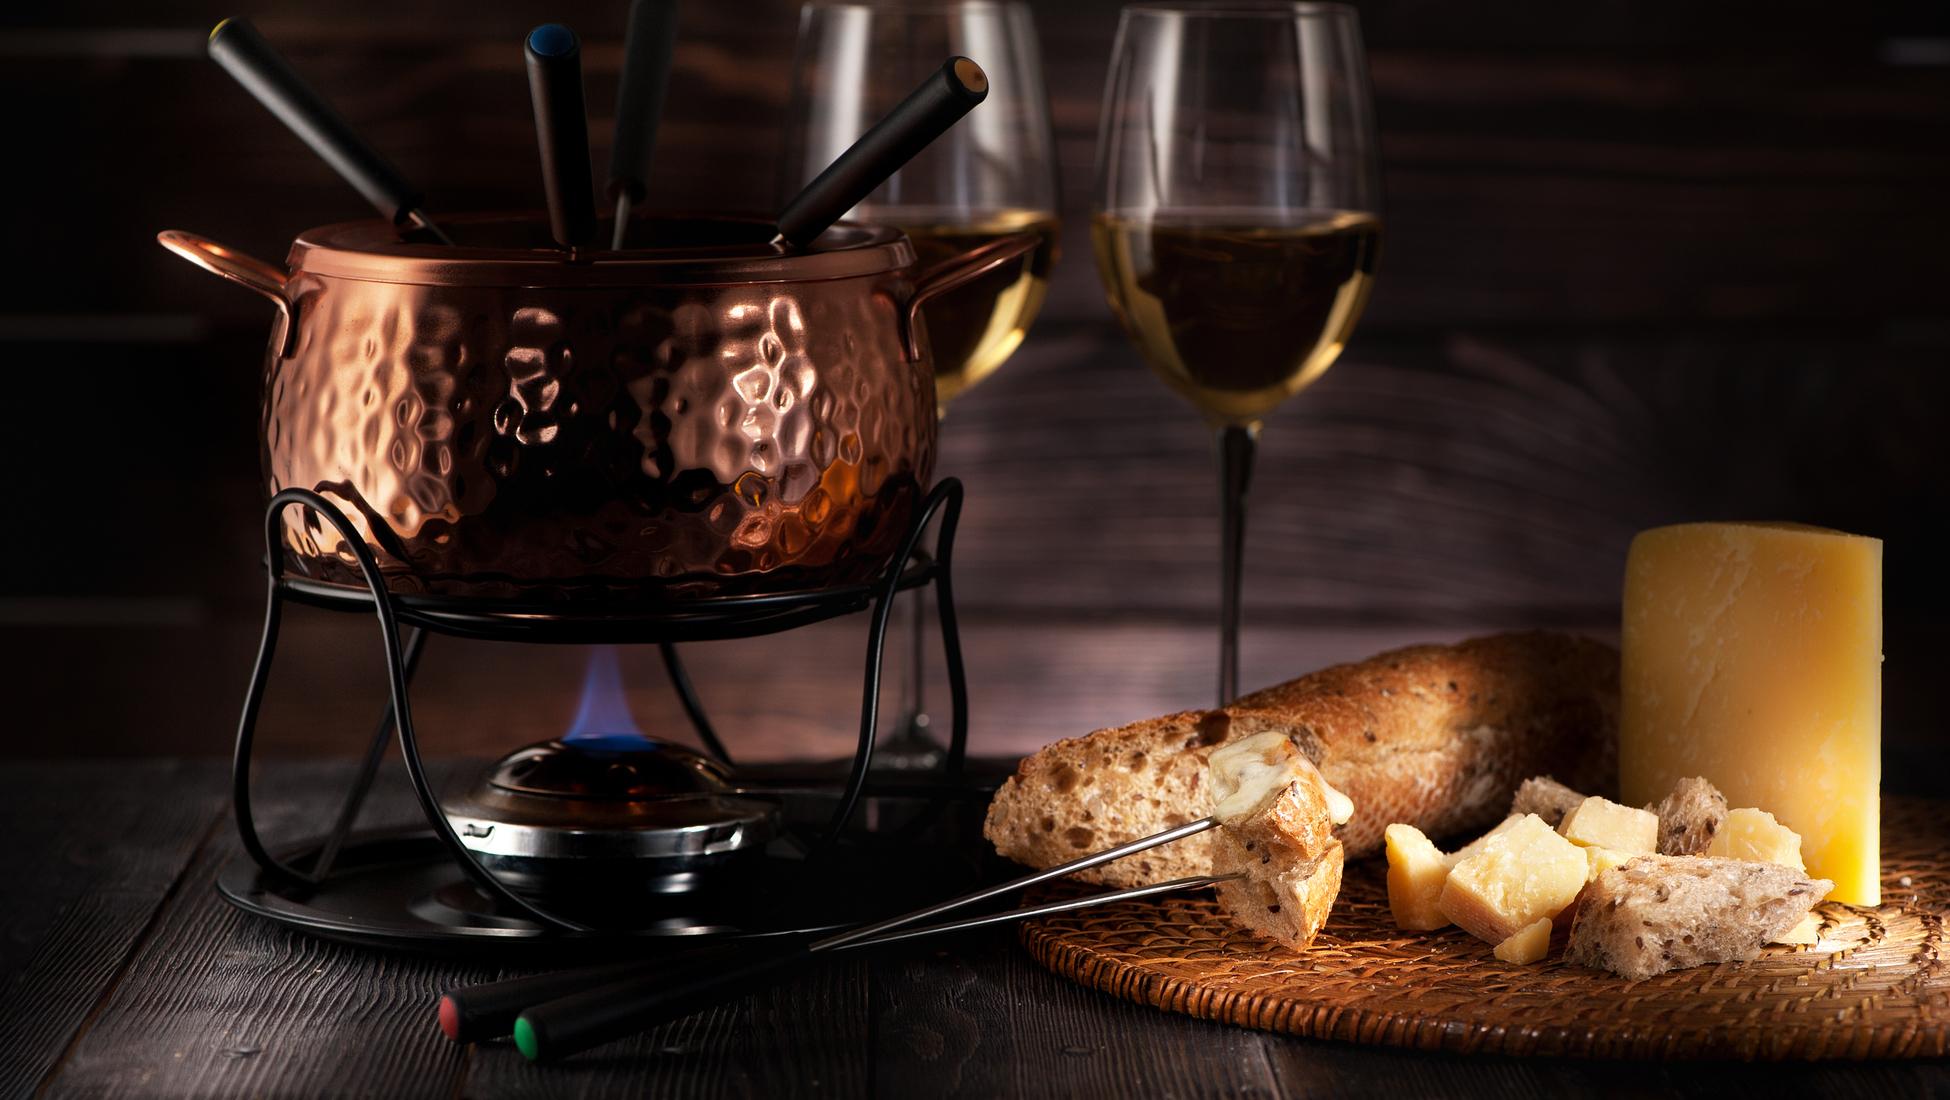 Lichte Rode Wijn : Wijn en fondue de perfecte combinatie catawiki